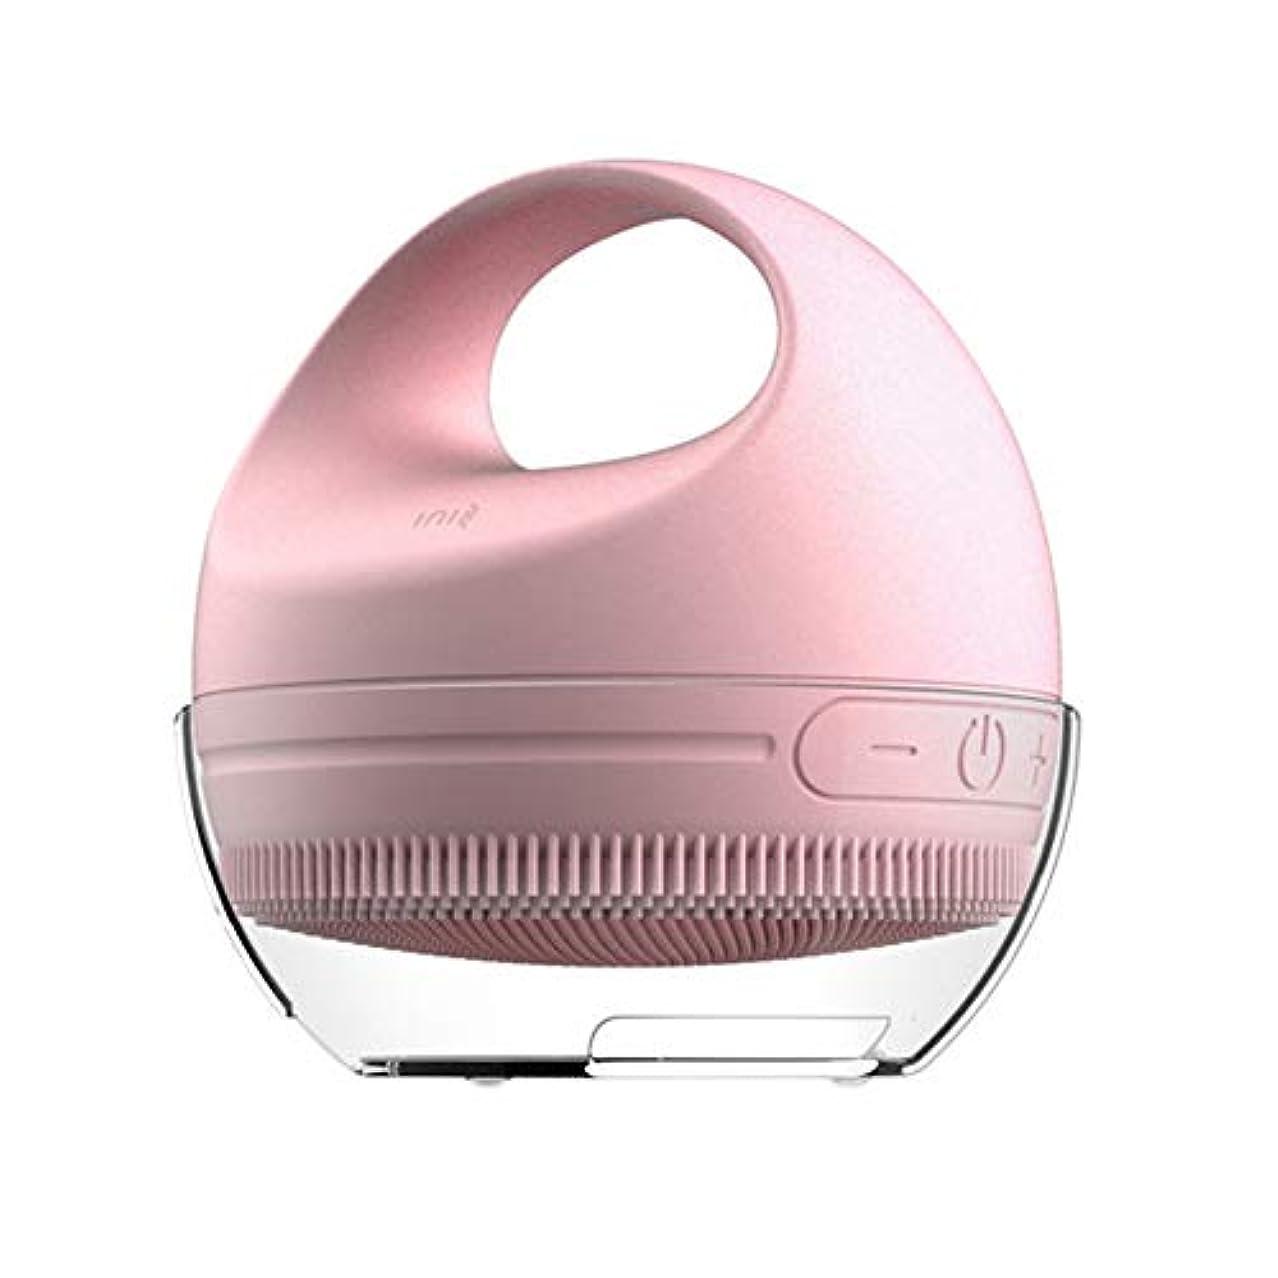 じゃがいも喪水平電気暖かい/振動シリコーンフェイスクレンザーとマッサージブラシをアップグレードしてください自己乾燥技術を使って、滑り止めのハンドル、インテリジェントなタイミング、防水IPX6、1200 mAhバッテリ,Pink